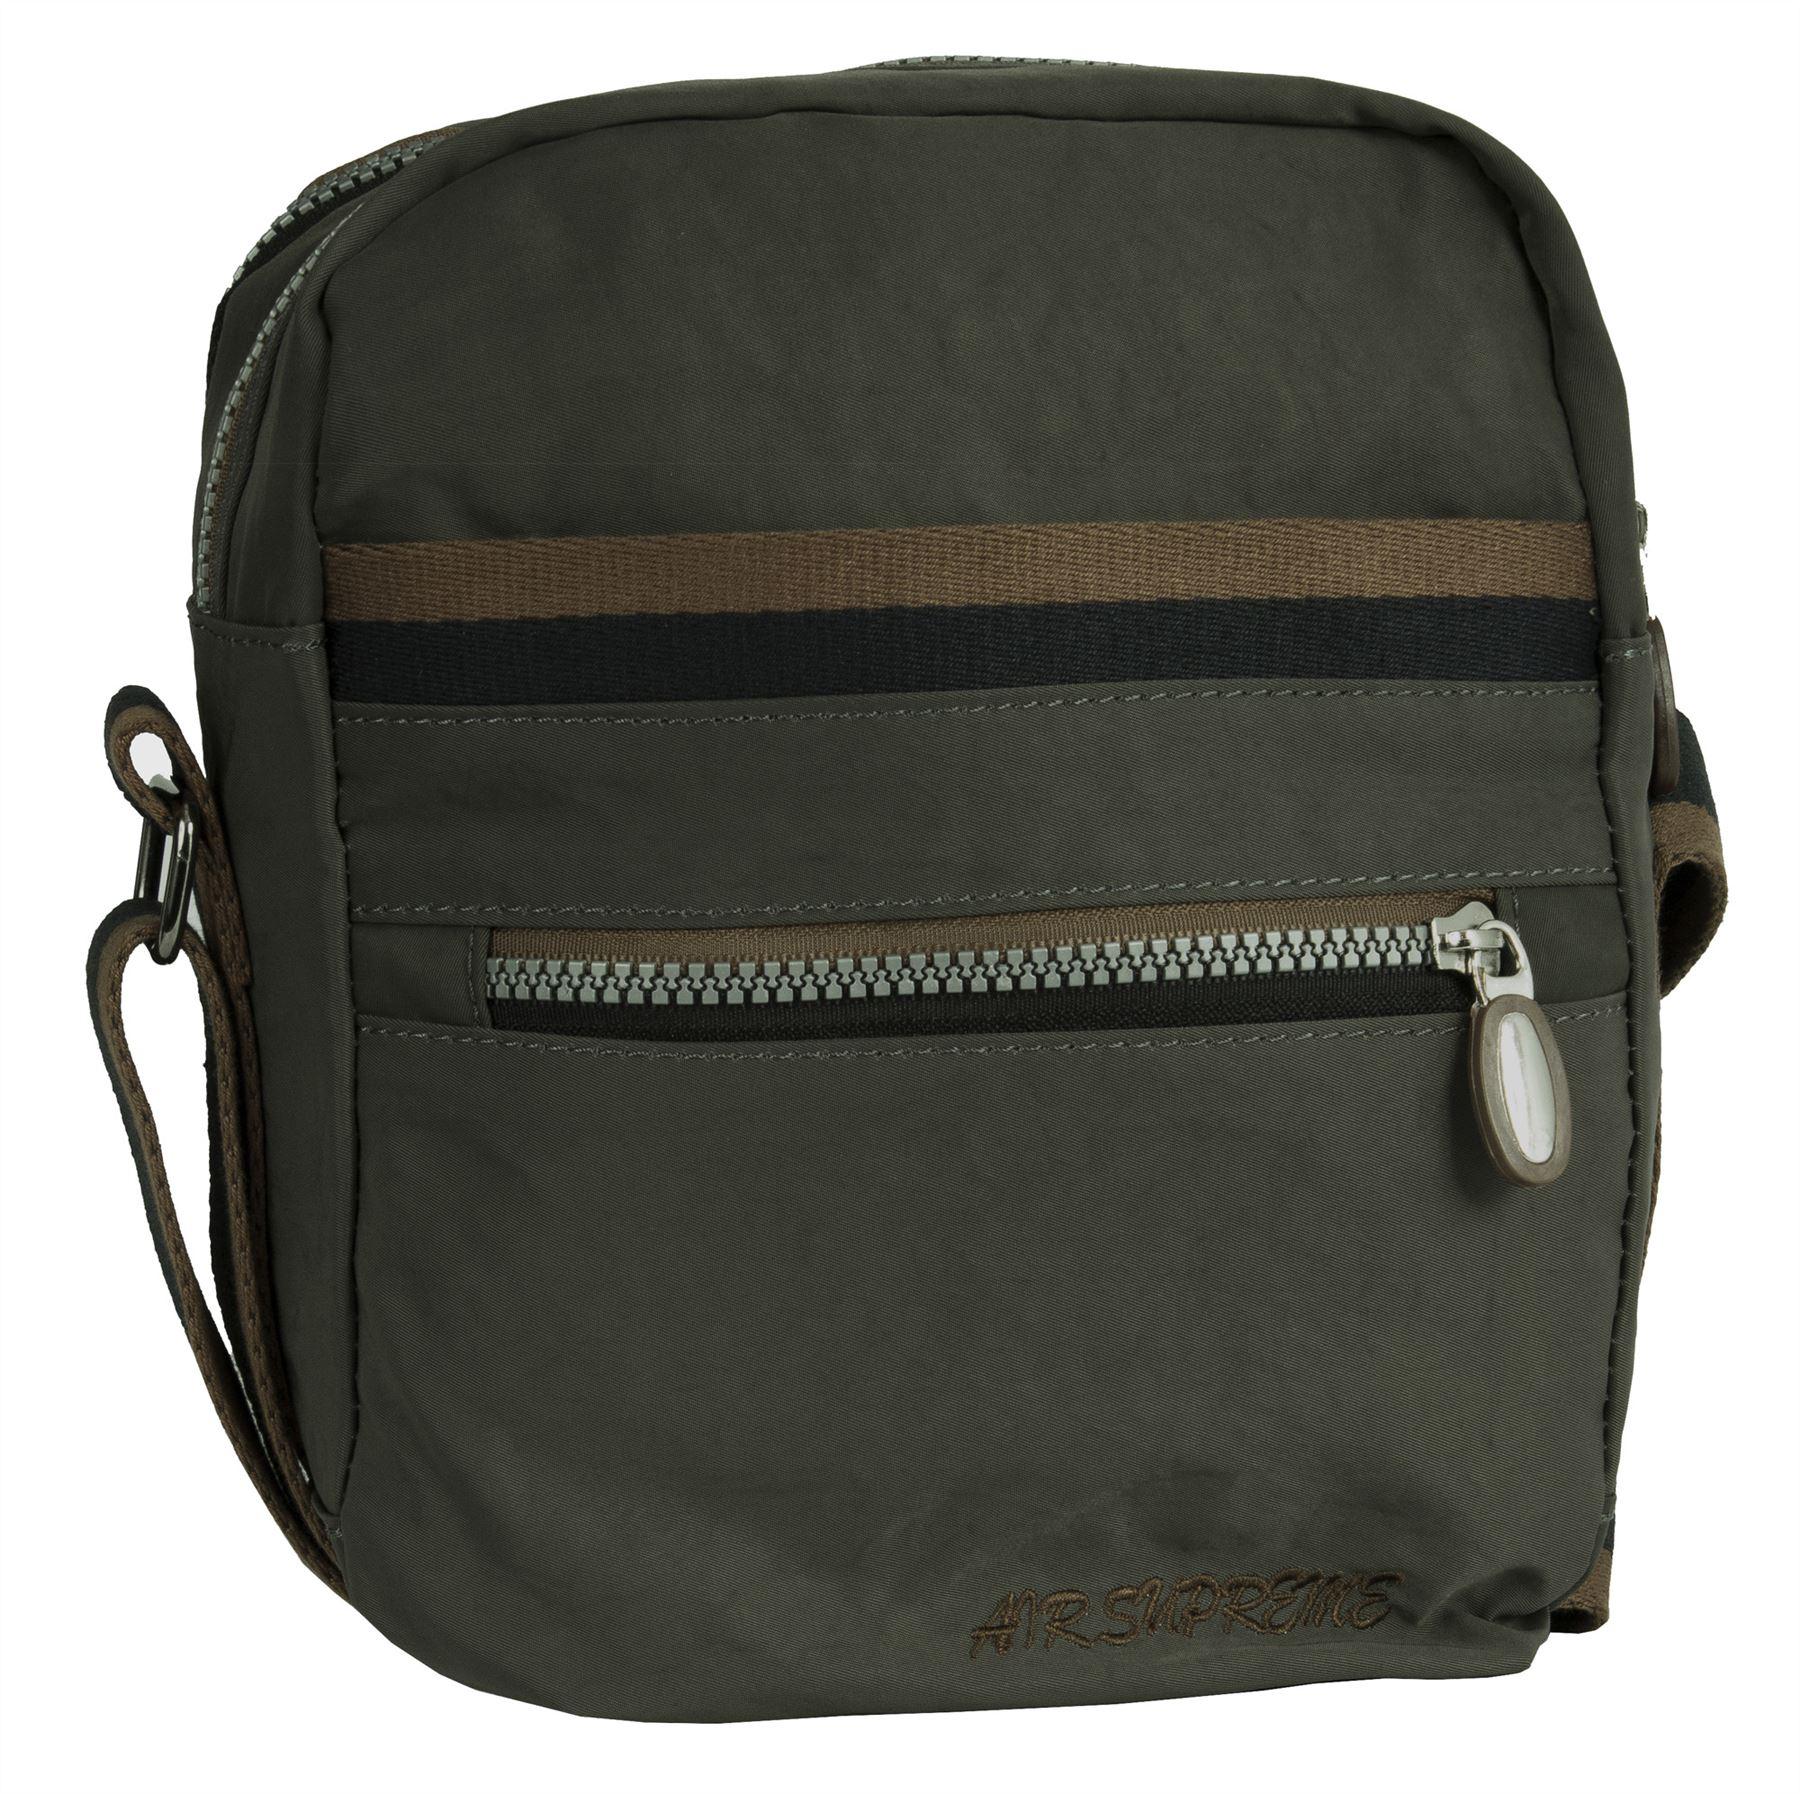 Big Handbag Shop unisex Stoff leicht klein Schultertasche Schultertasche